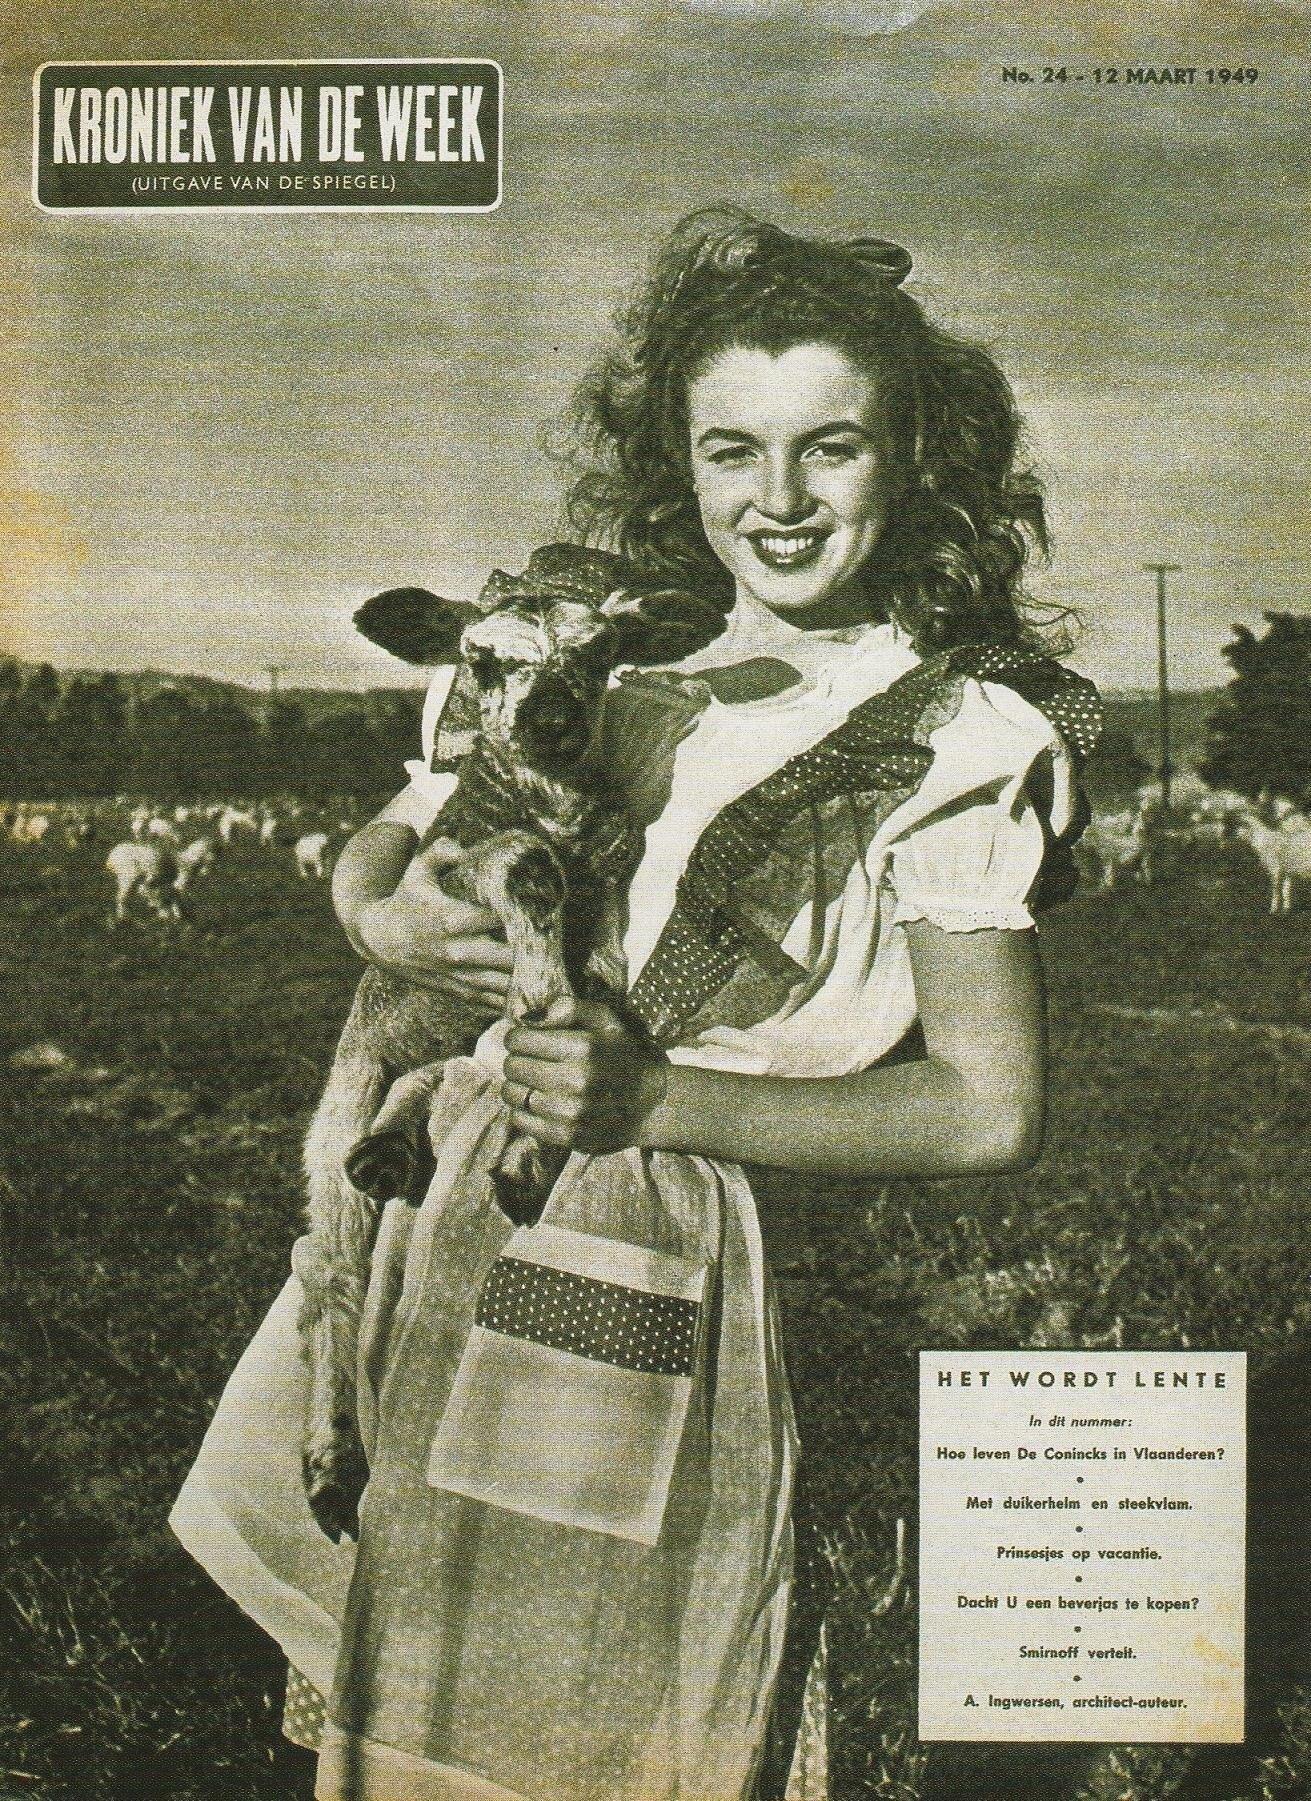 1949-03-12-kroniek_van_de_week-pays_bas